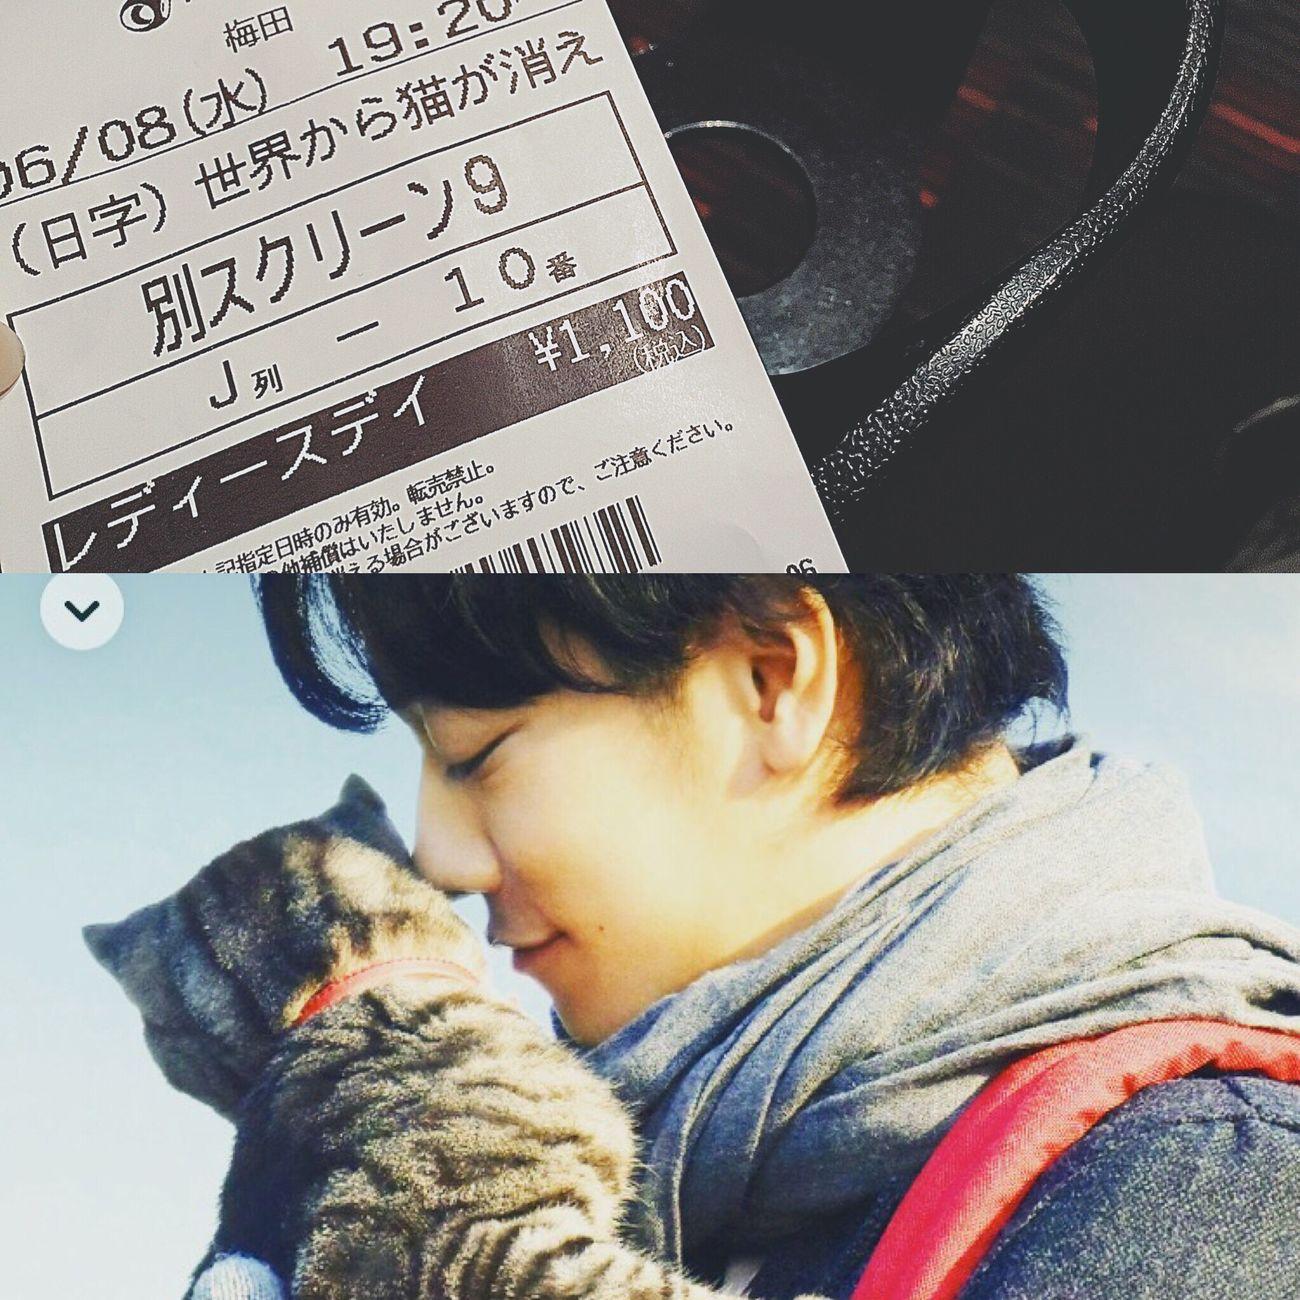 こっちは劇場で(*^_^*) 世界から猫が消えたなら MOVIE